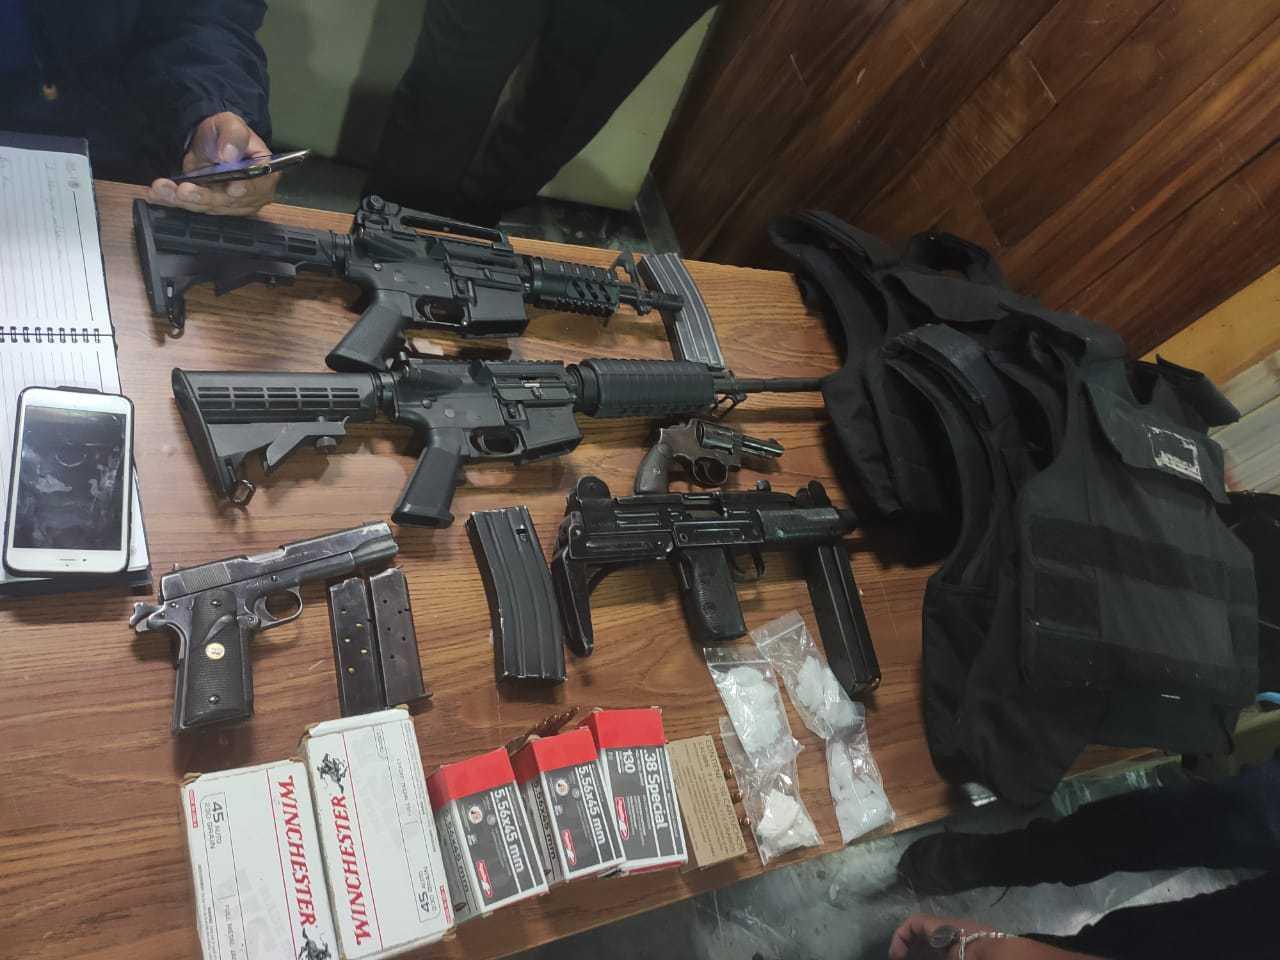 Hombre es detenido en Almoloya de Juárez con armas y drogas